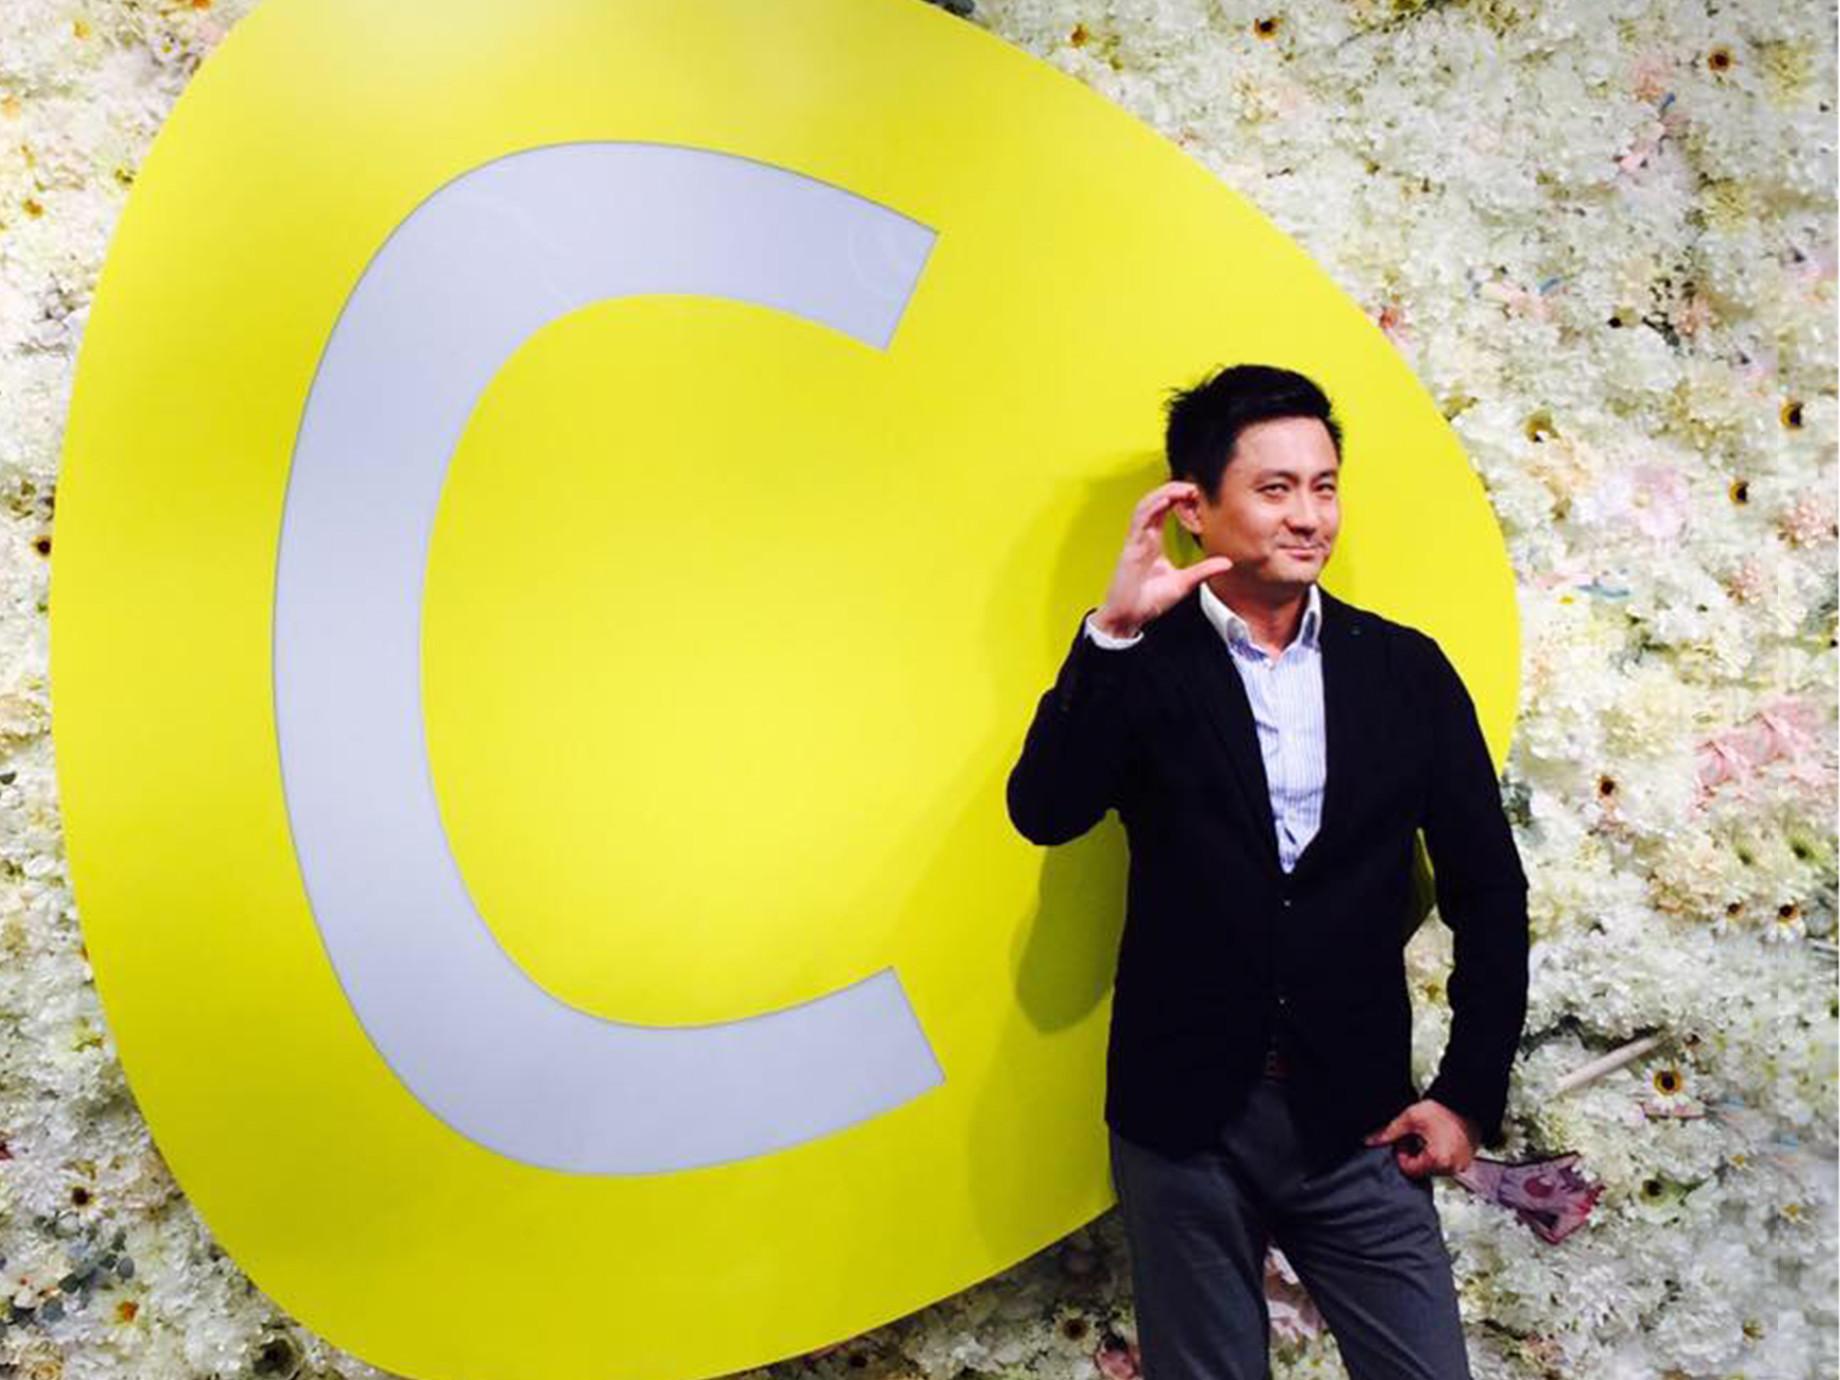 台灣自媒體協會企業報導》亞洲最大女性影音平台在台灣,C Channel用3招玩出內容新趨勢